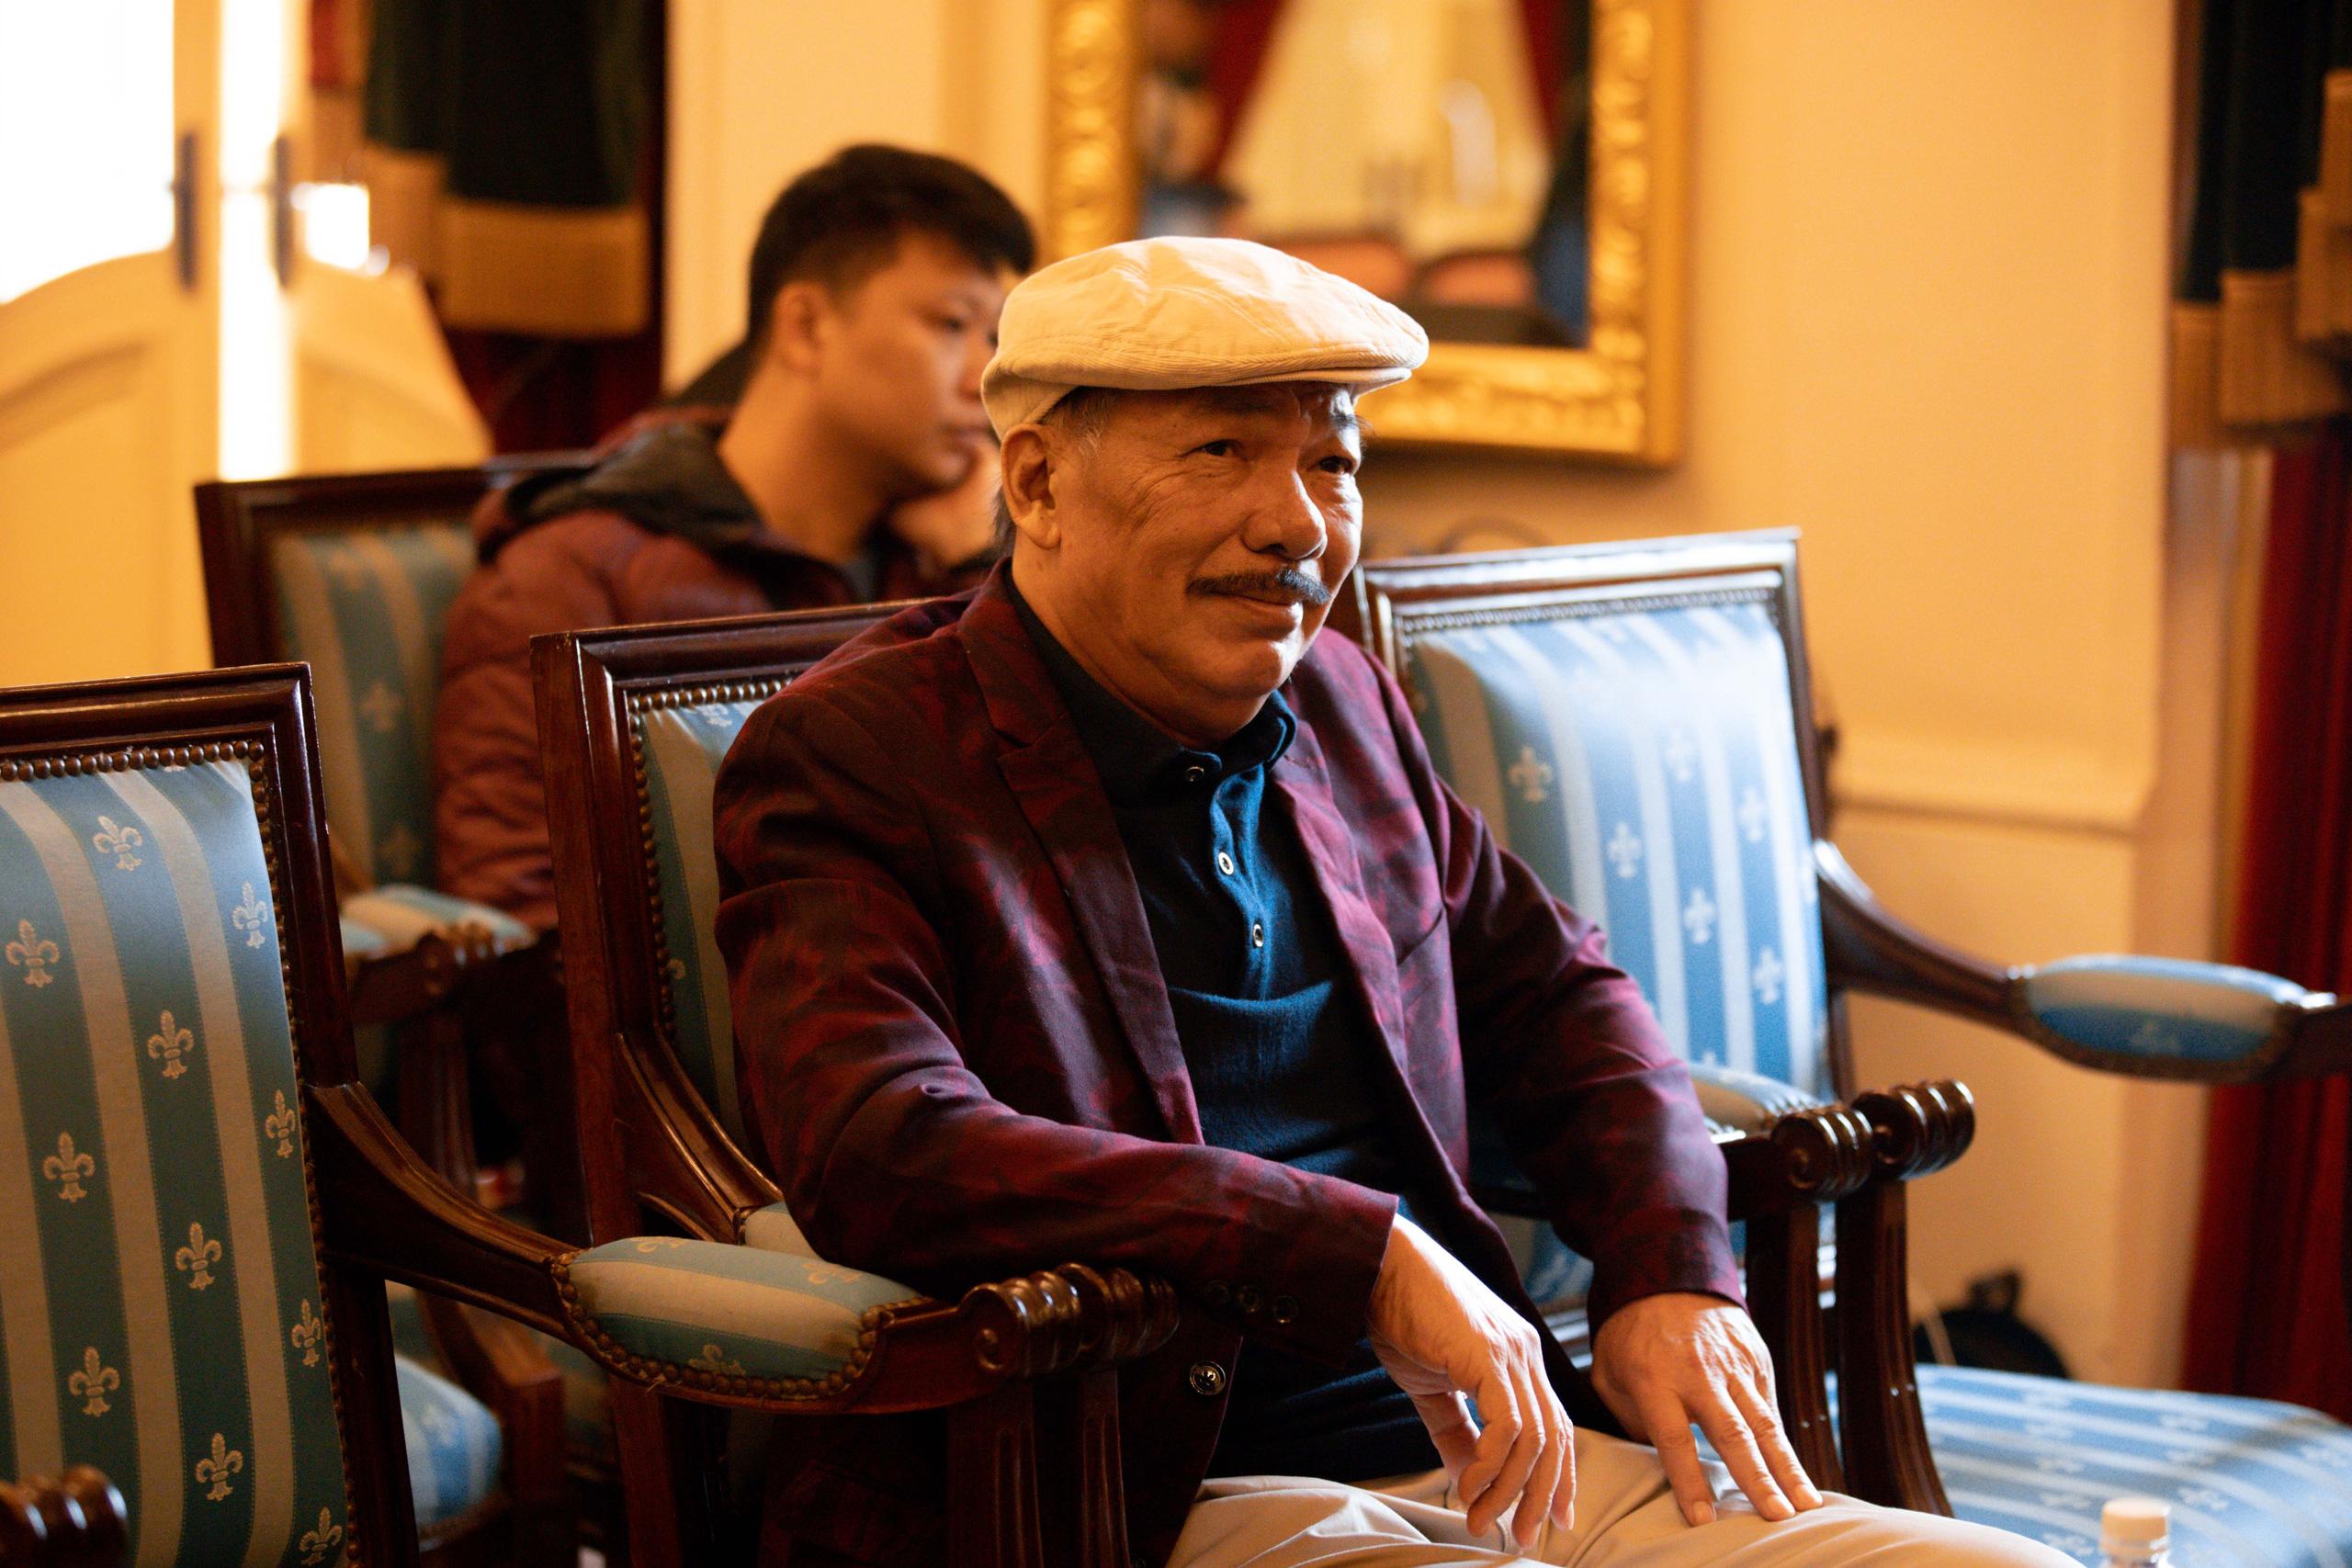 Nhạc sĩ Trần Tiến lần đầu xuất hiện sau tin đồn thất thiệt, nói rõ về tình trạng sức khỏe hiện tại - Ảnh 4.